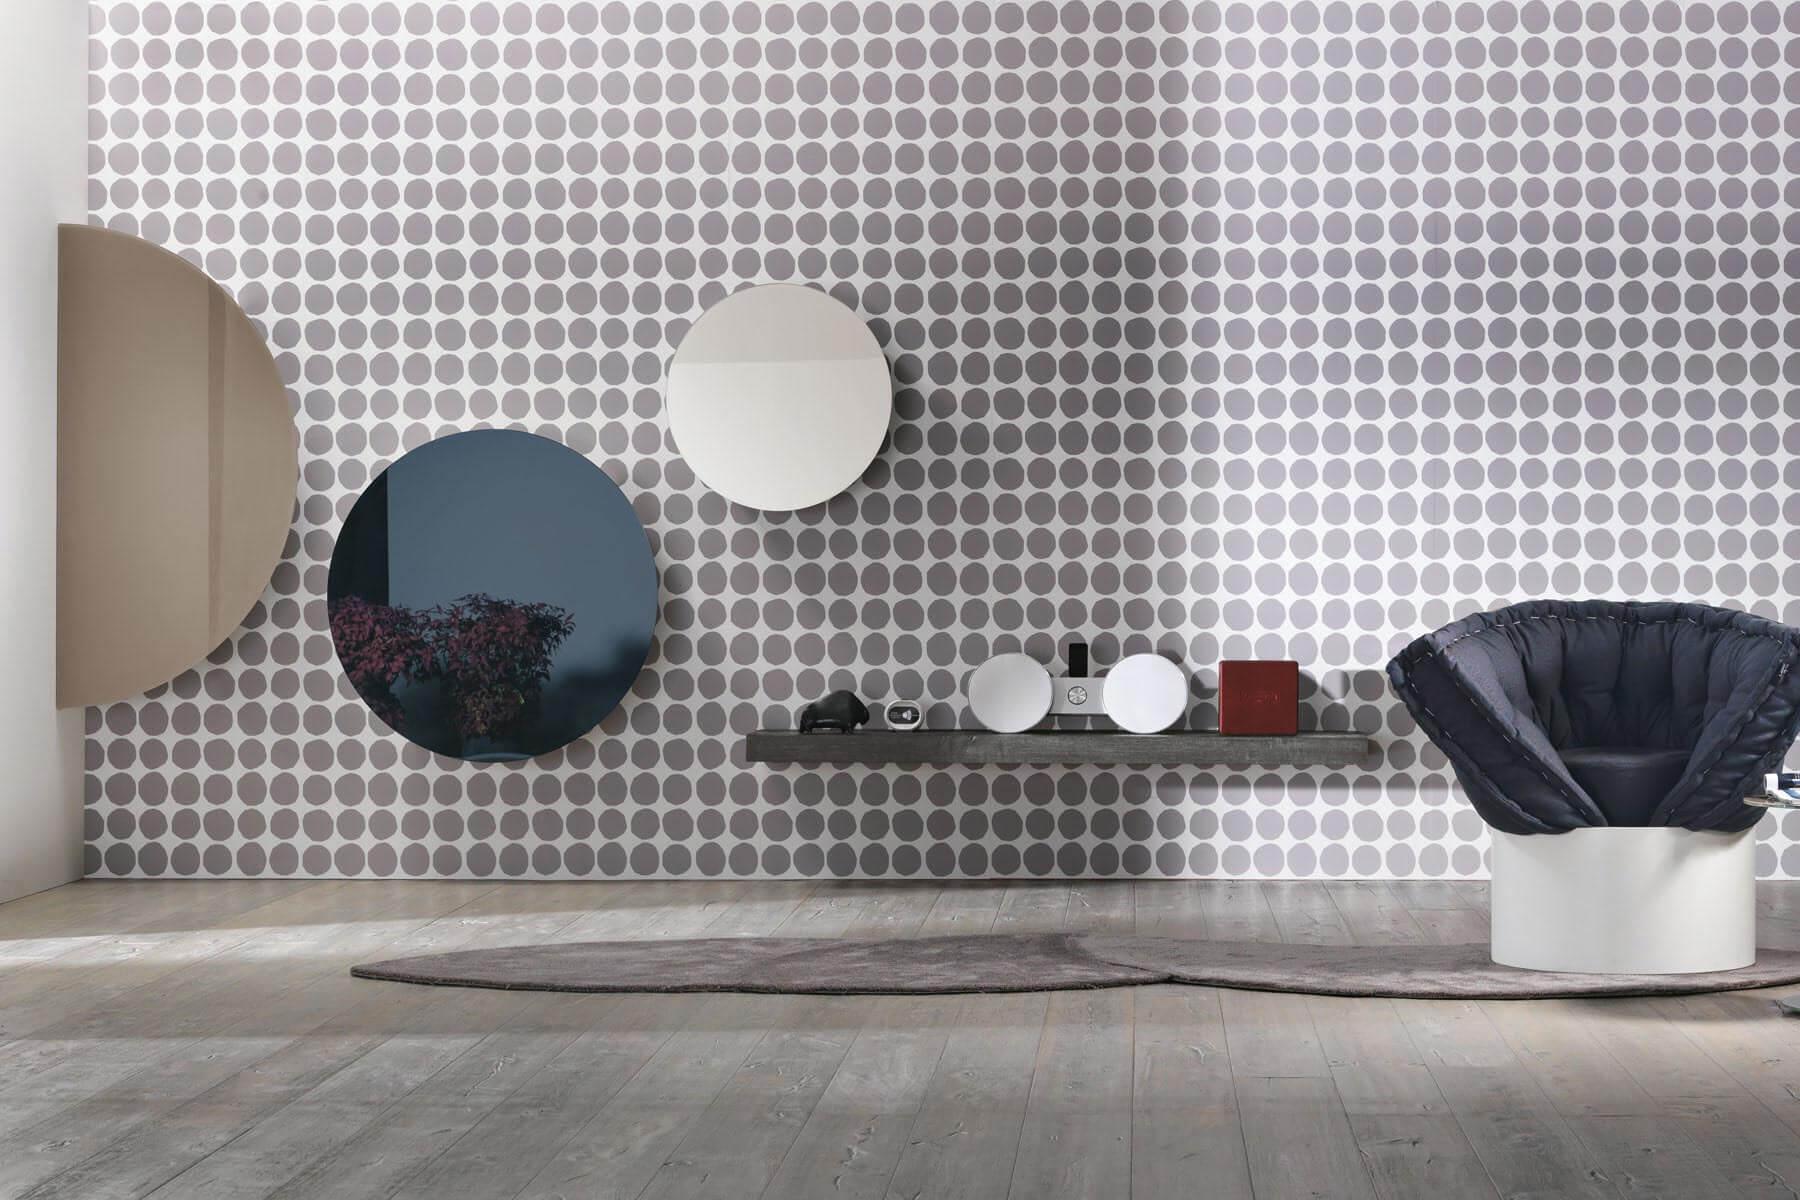 Il bagno è una delle stanze più utilizzate della casa, per questo l'arredo di questa stanza deve essere scelto con grande cura, optando per prodotti di alta qualità che resistano nel tempo e soluzioni funzionali oltre che estetiche. Lago Complementi D Arredo A Torino Format Home